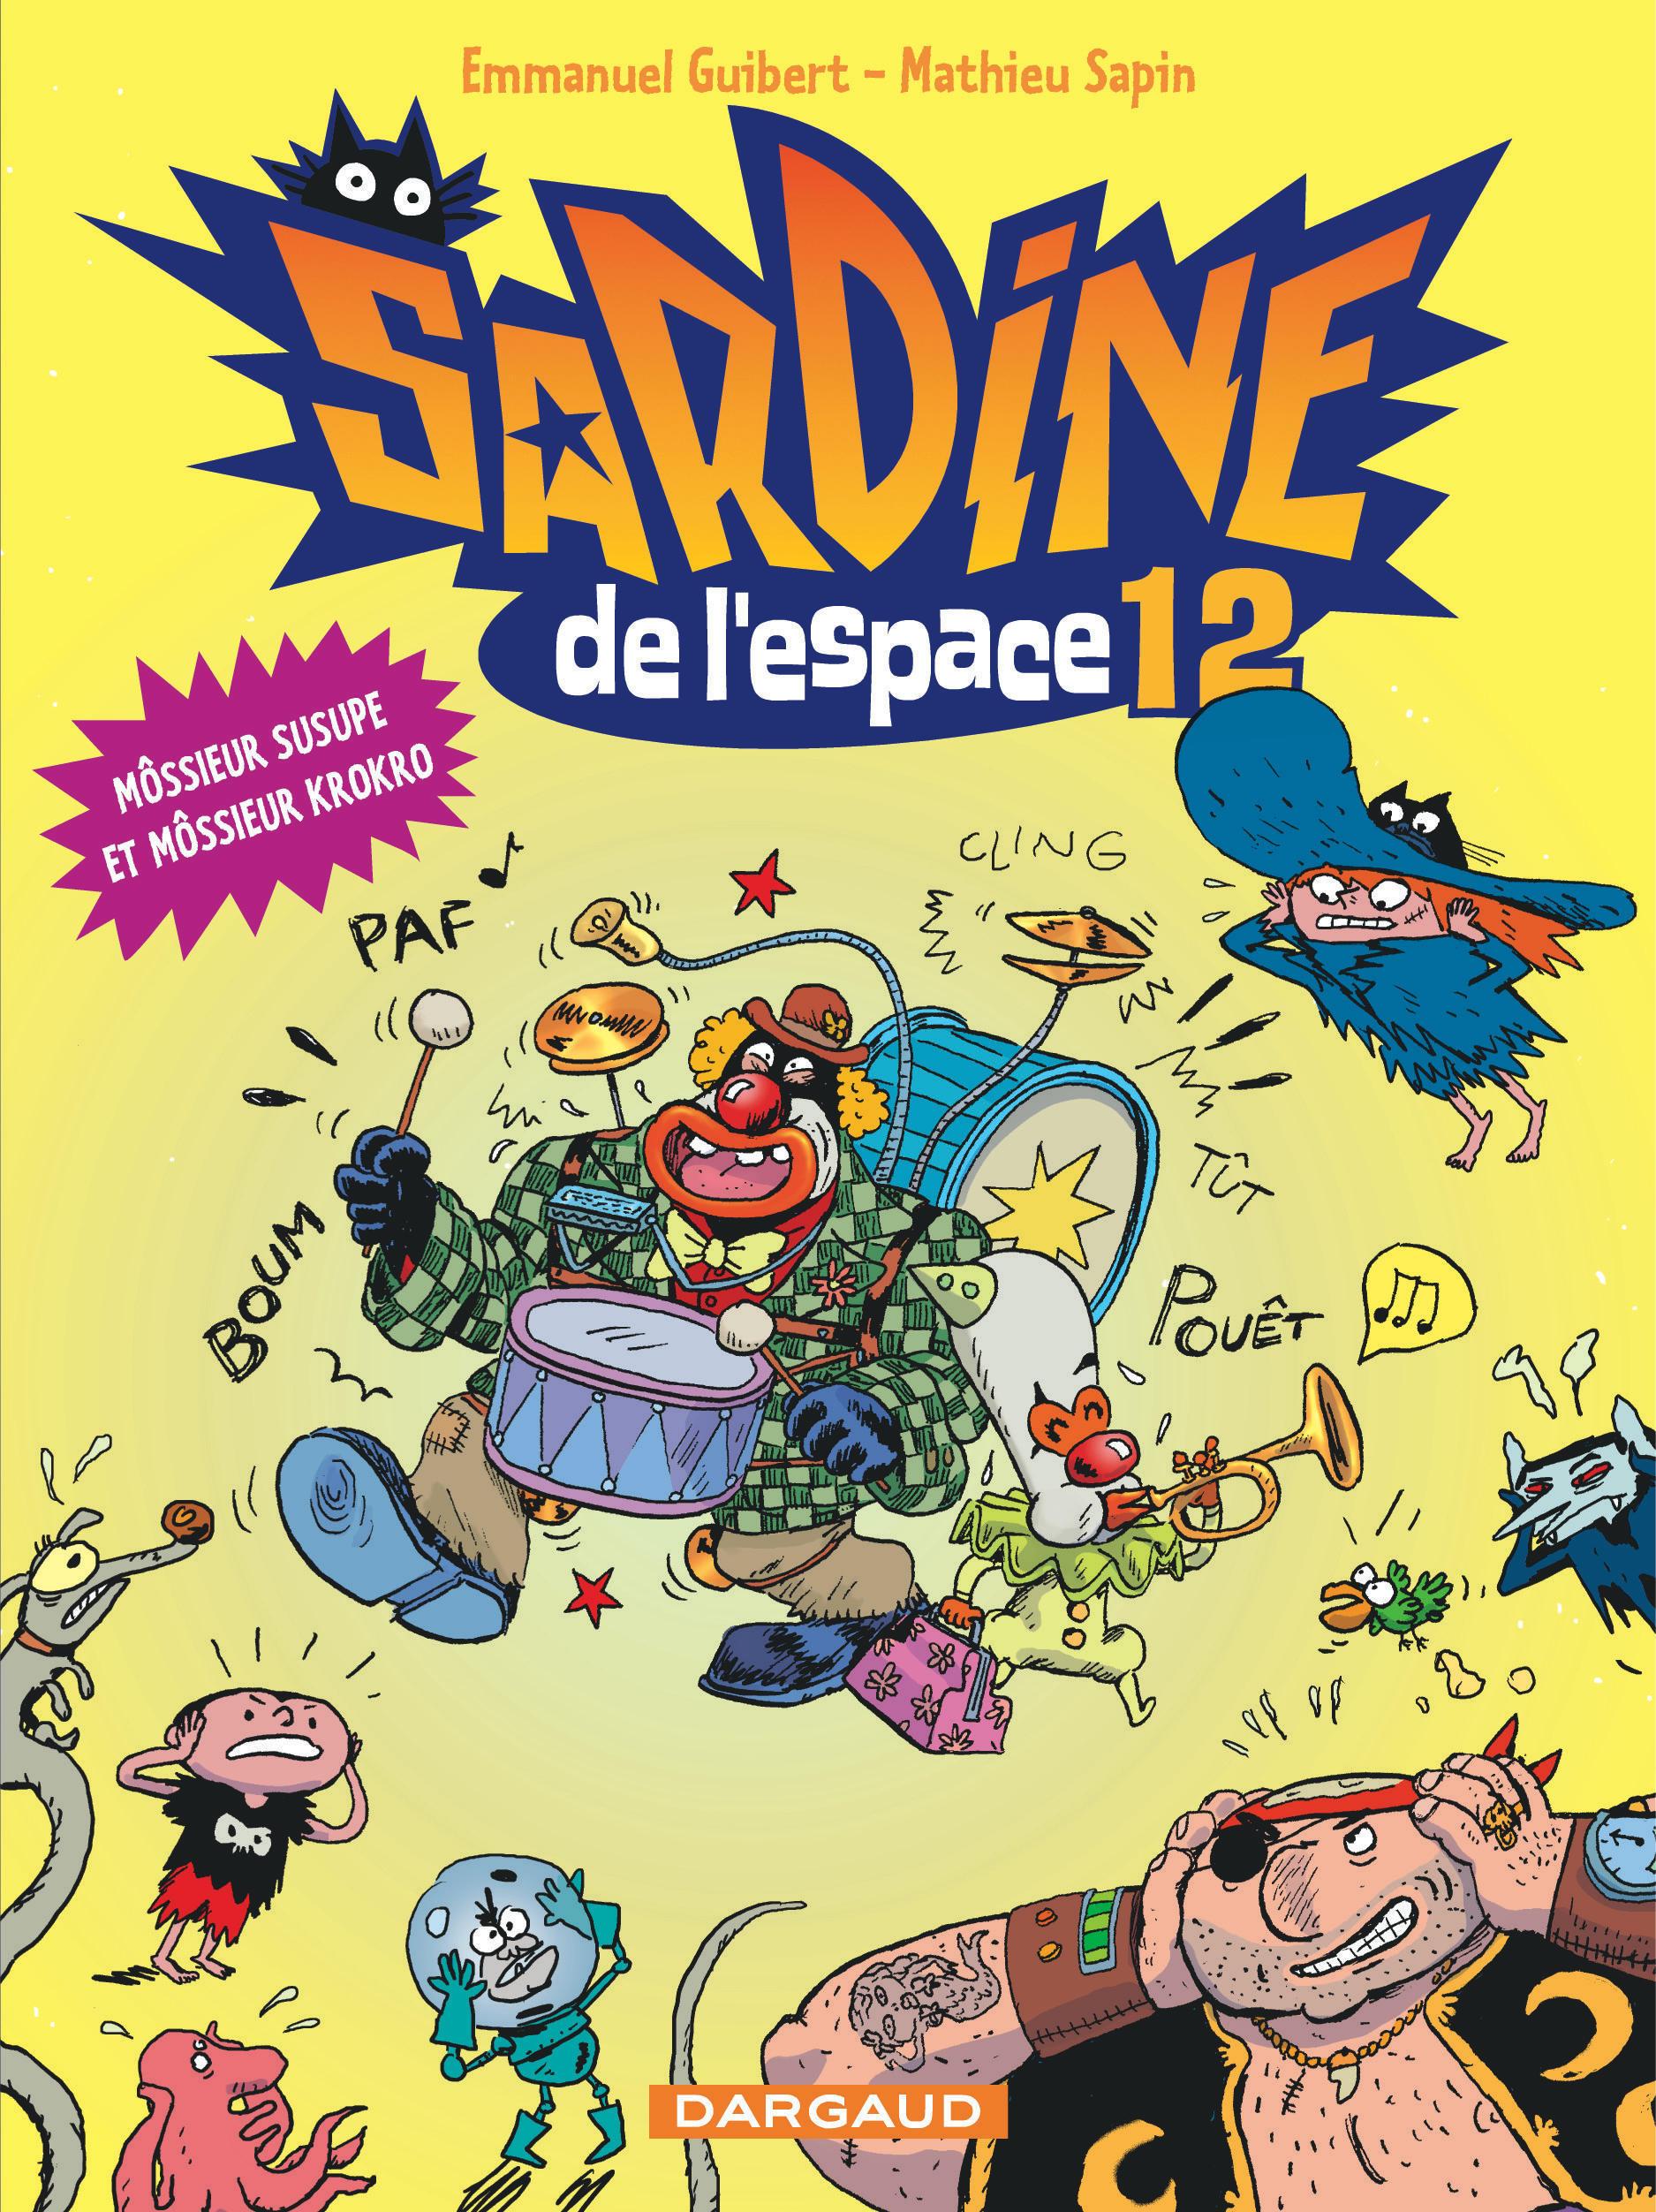 SARDINE DE L'ESPACE - TOME 12 - MOSSIEUR SUSUPE ET MOSSIEUR KROKRO (12)